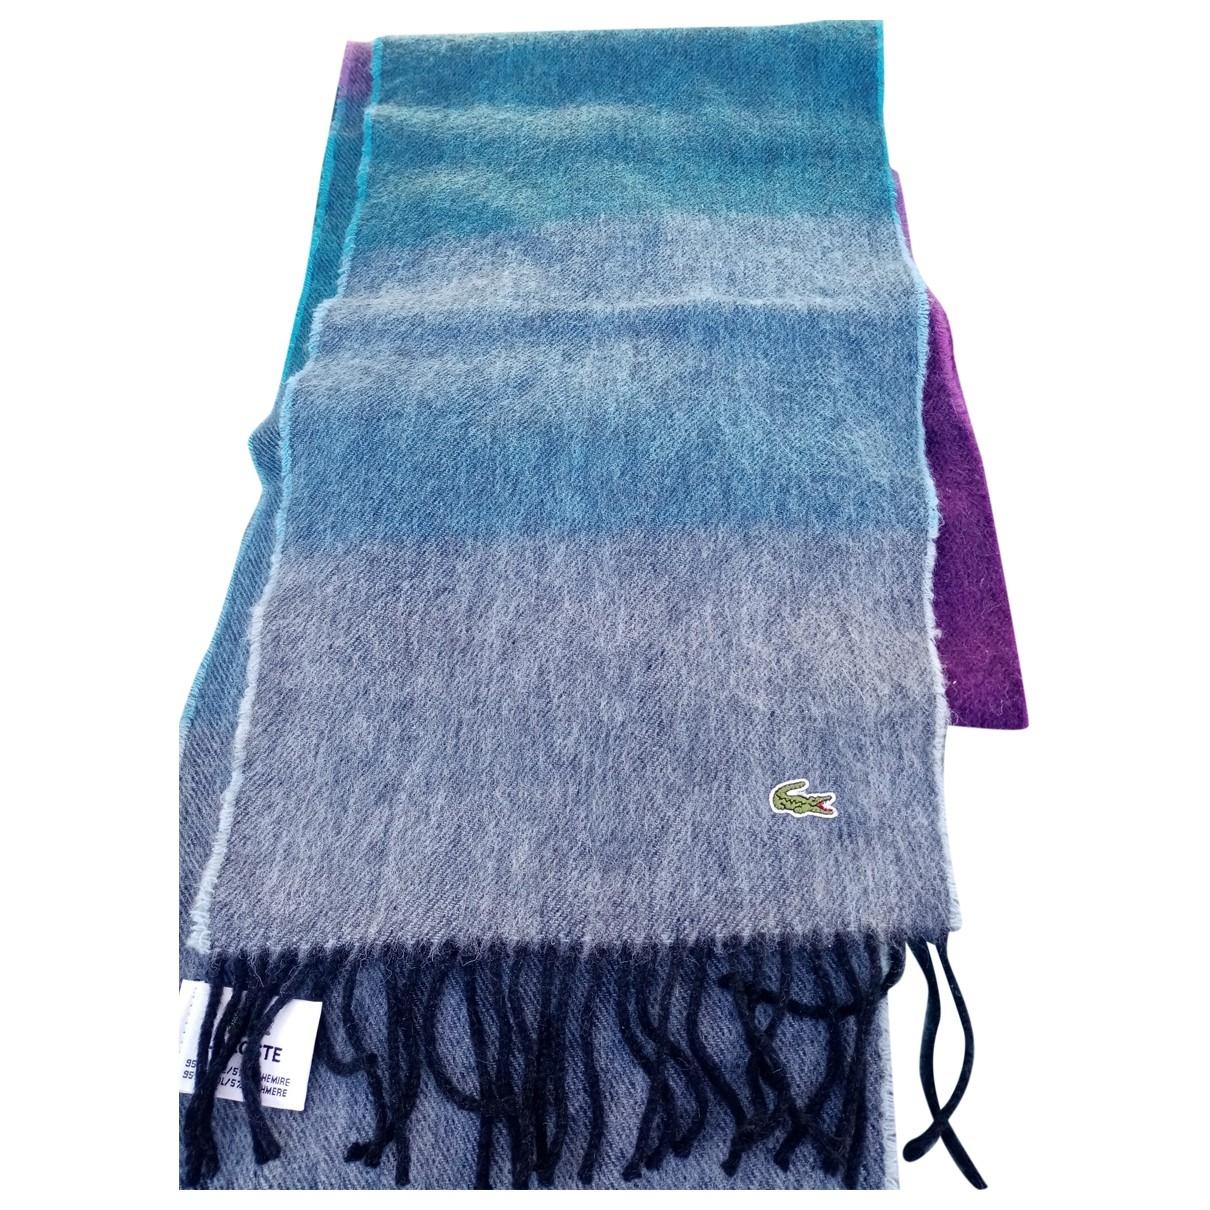 Lacoste - Cheches.Echarpes   pour homme en laine